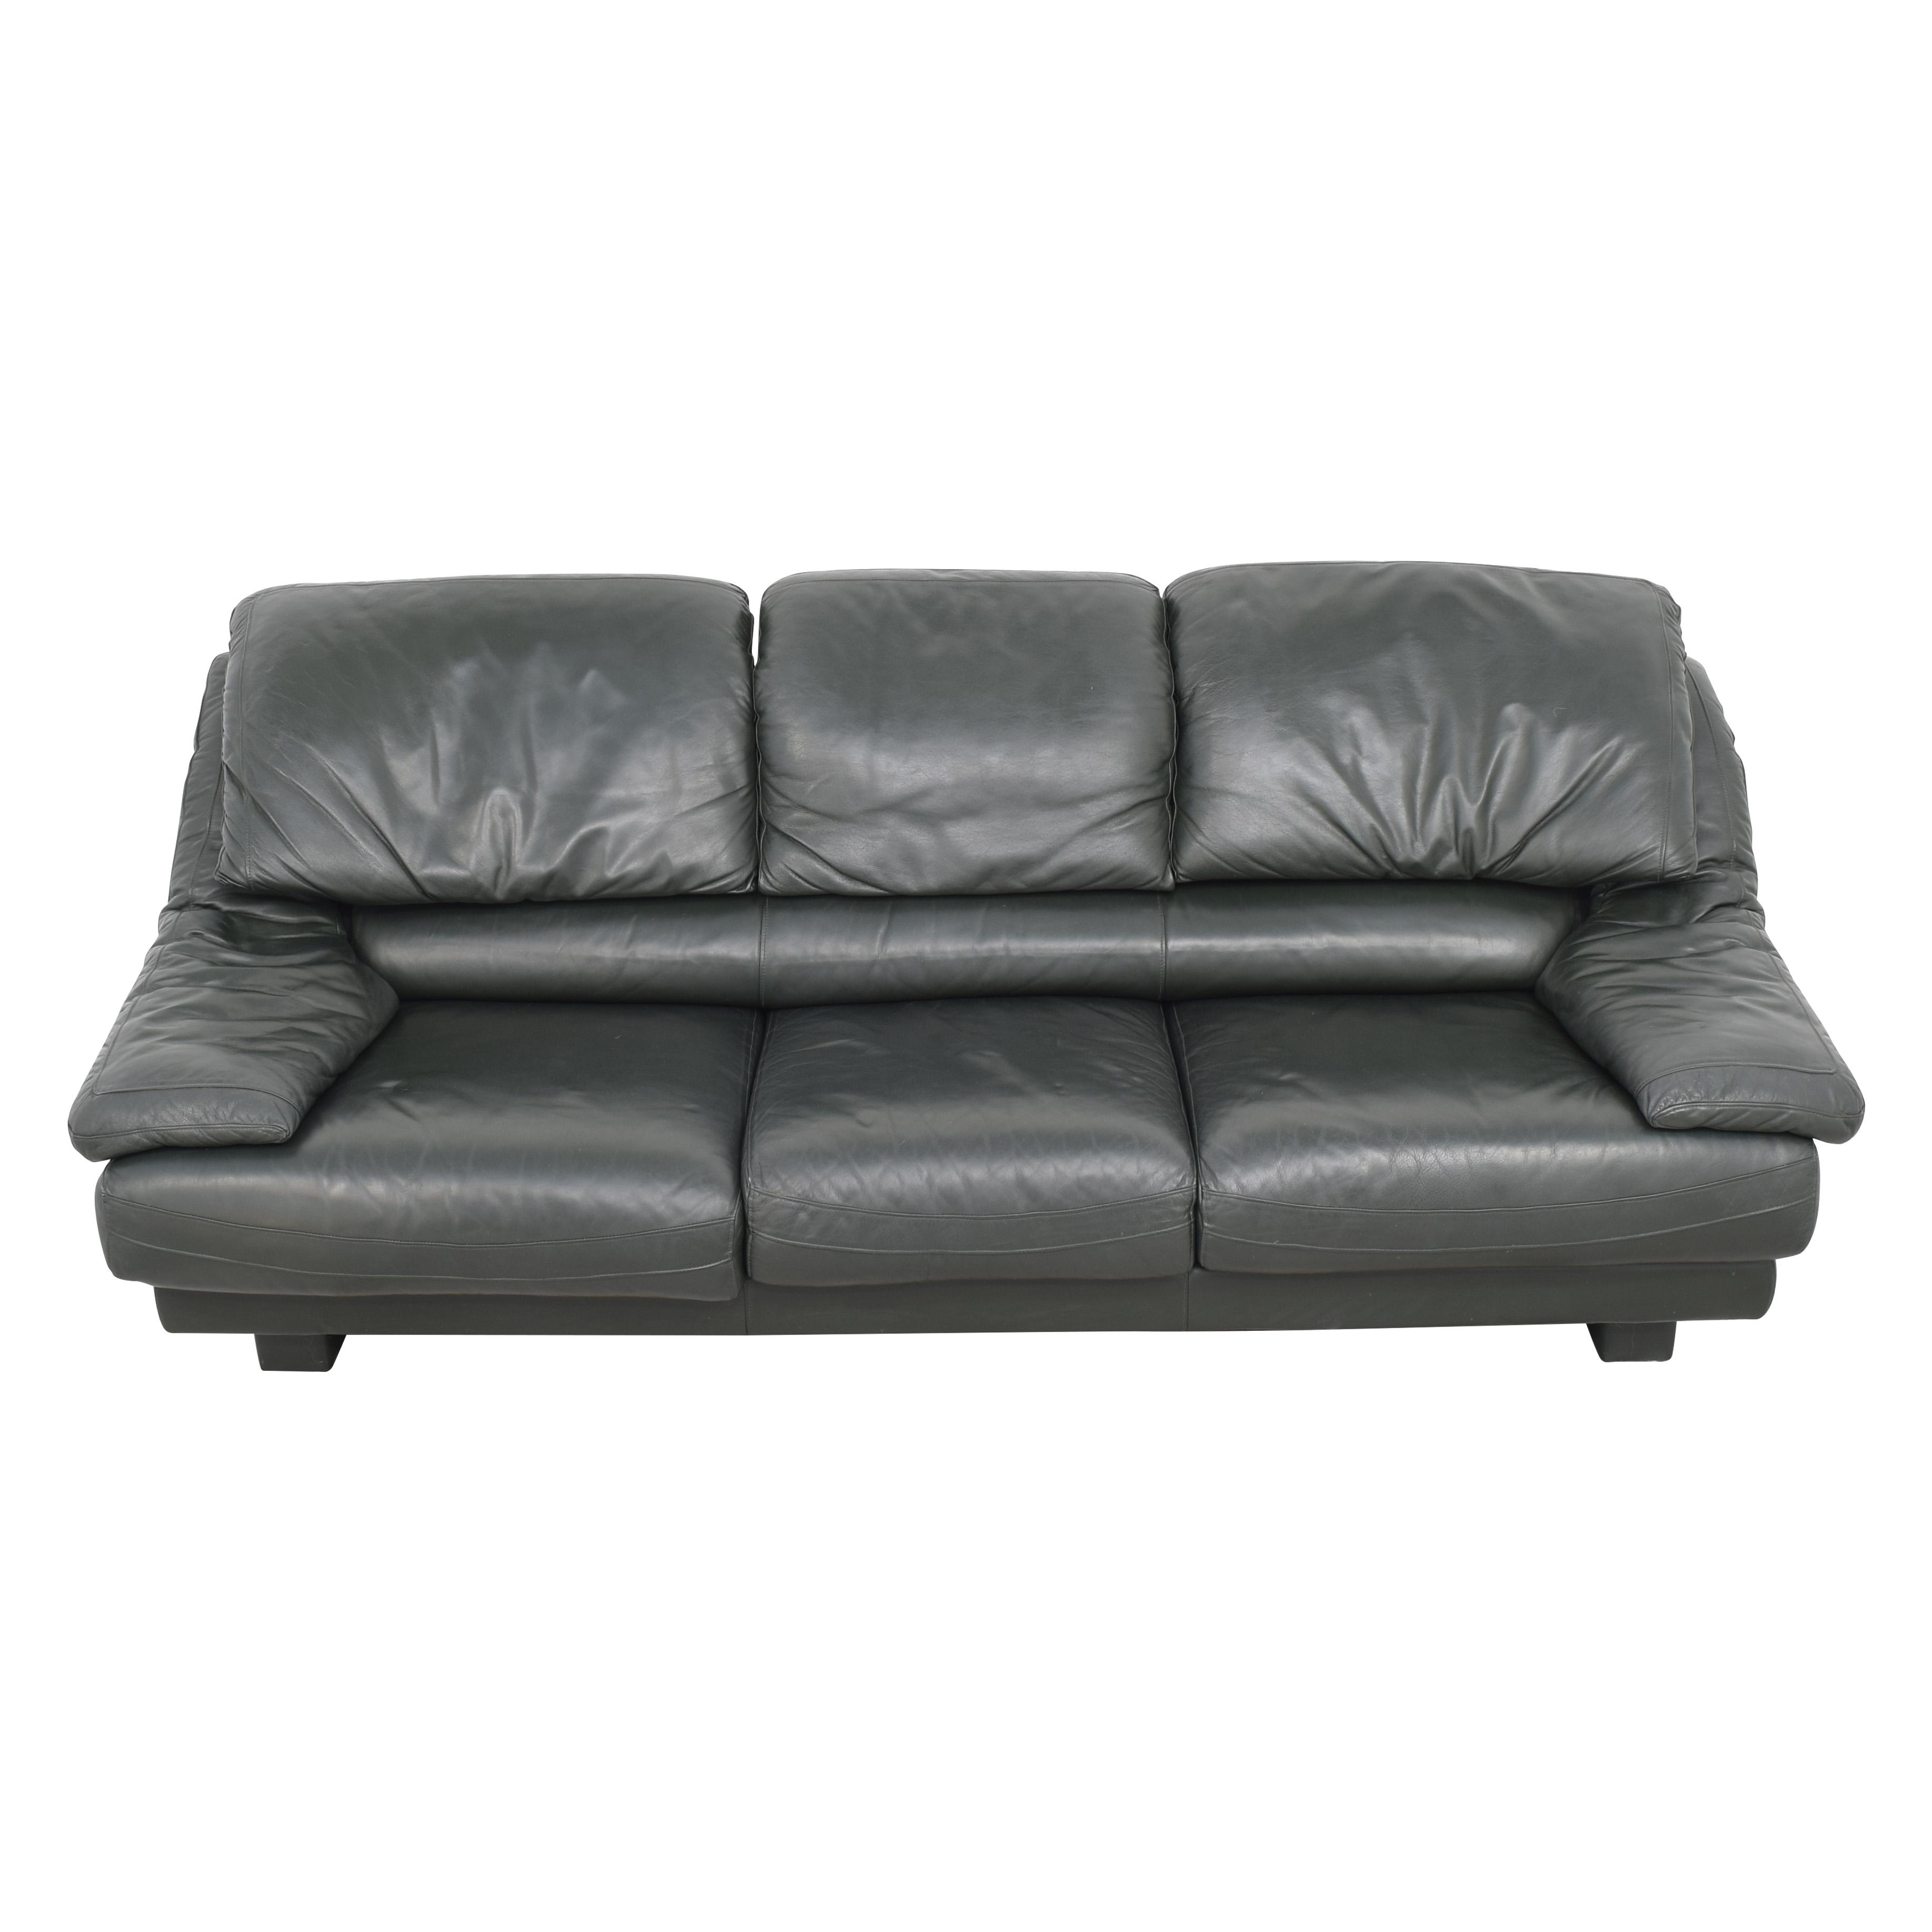 Natuzzi Natuzzi Padded Arm Sofa nyc